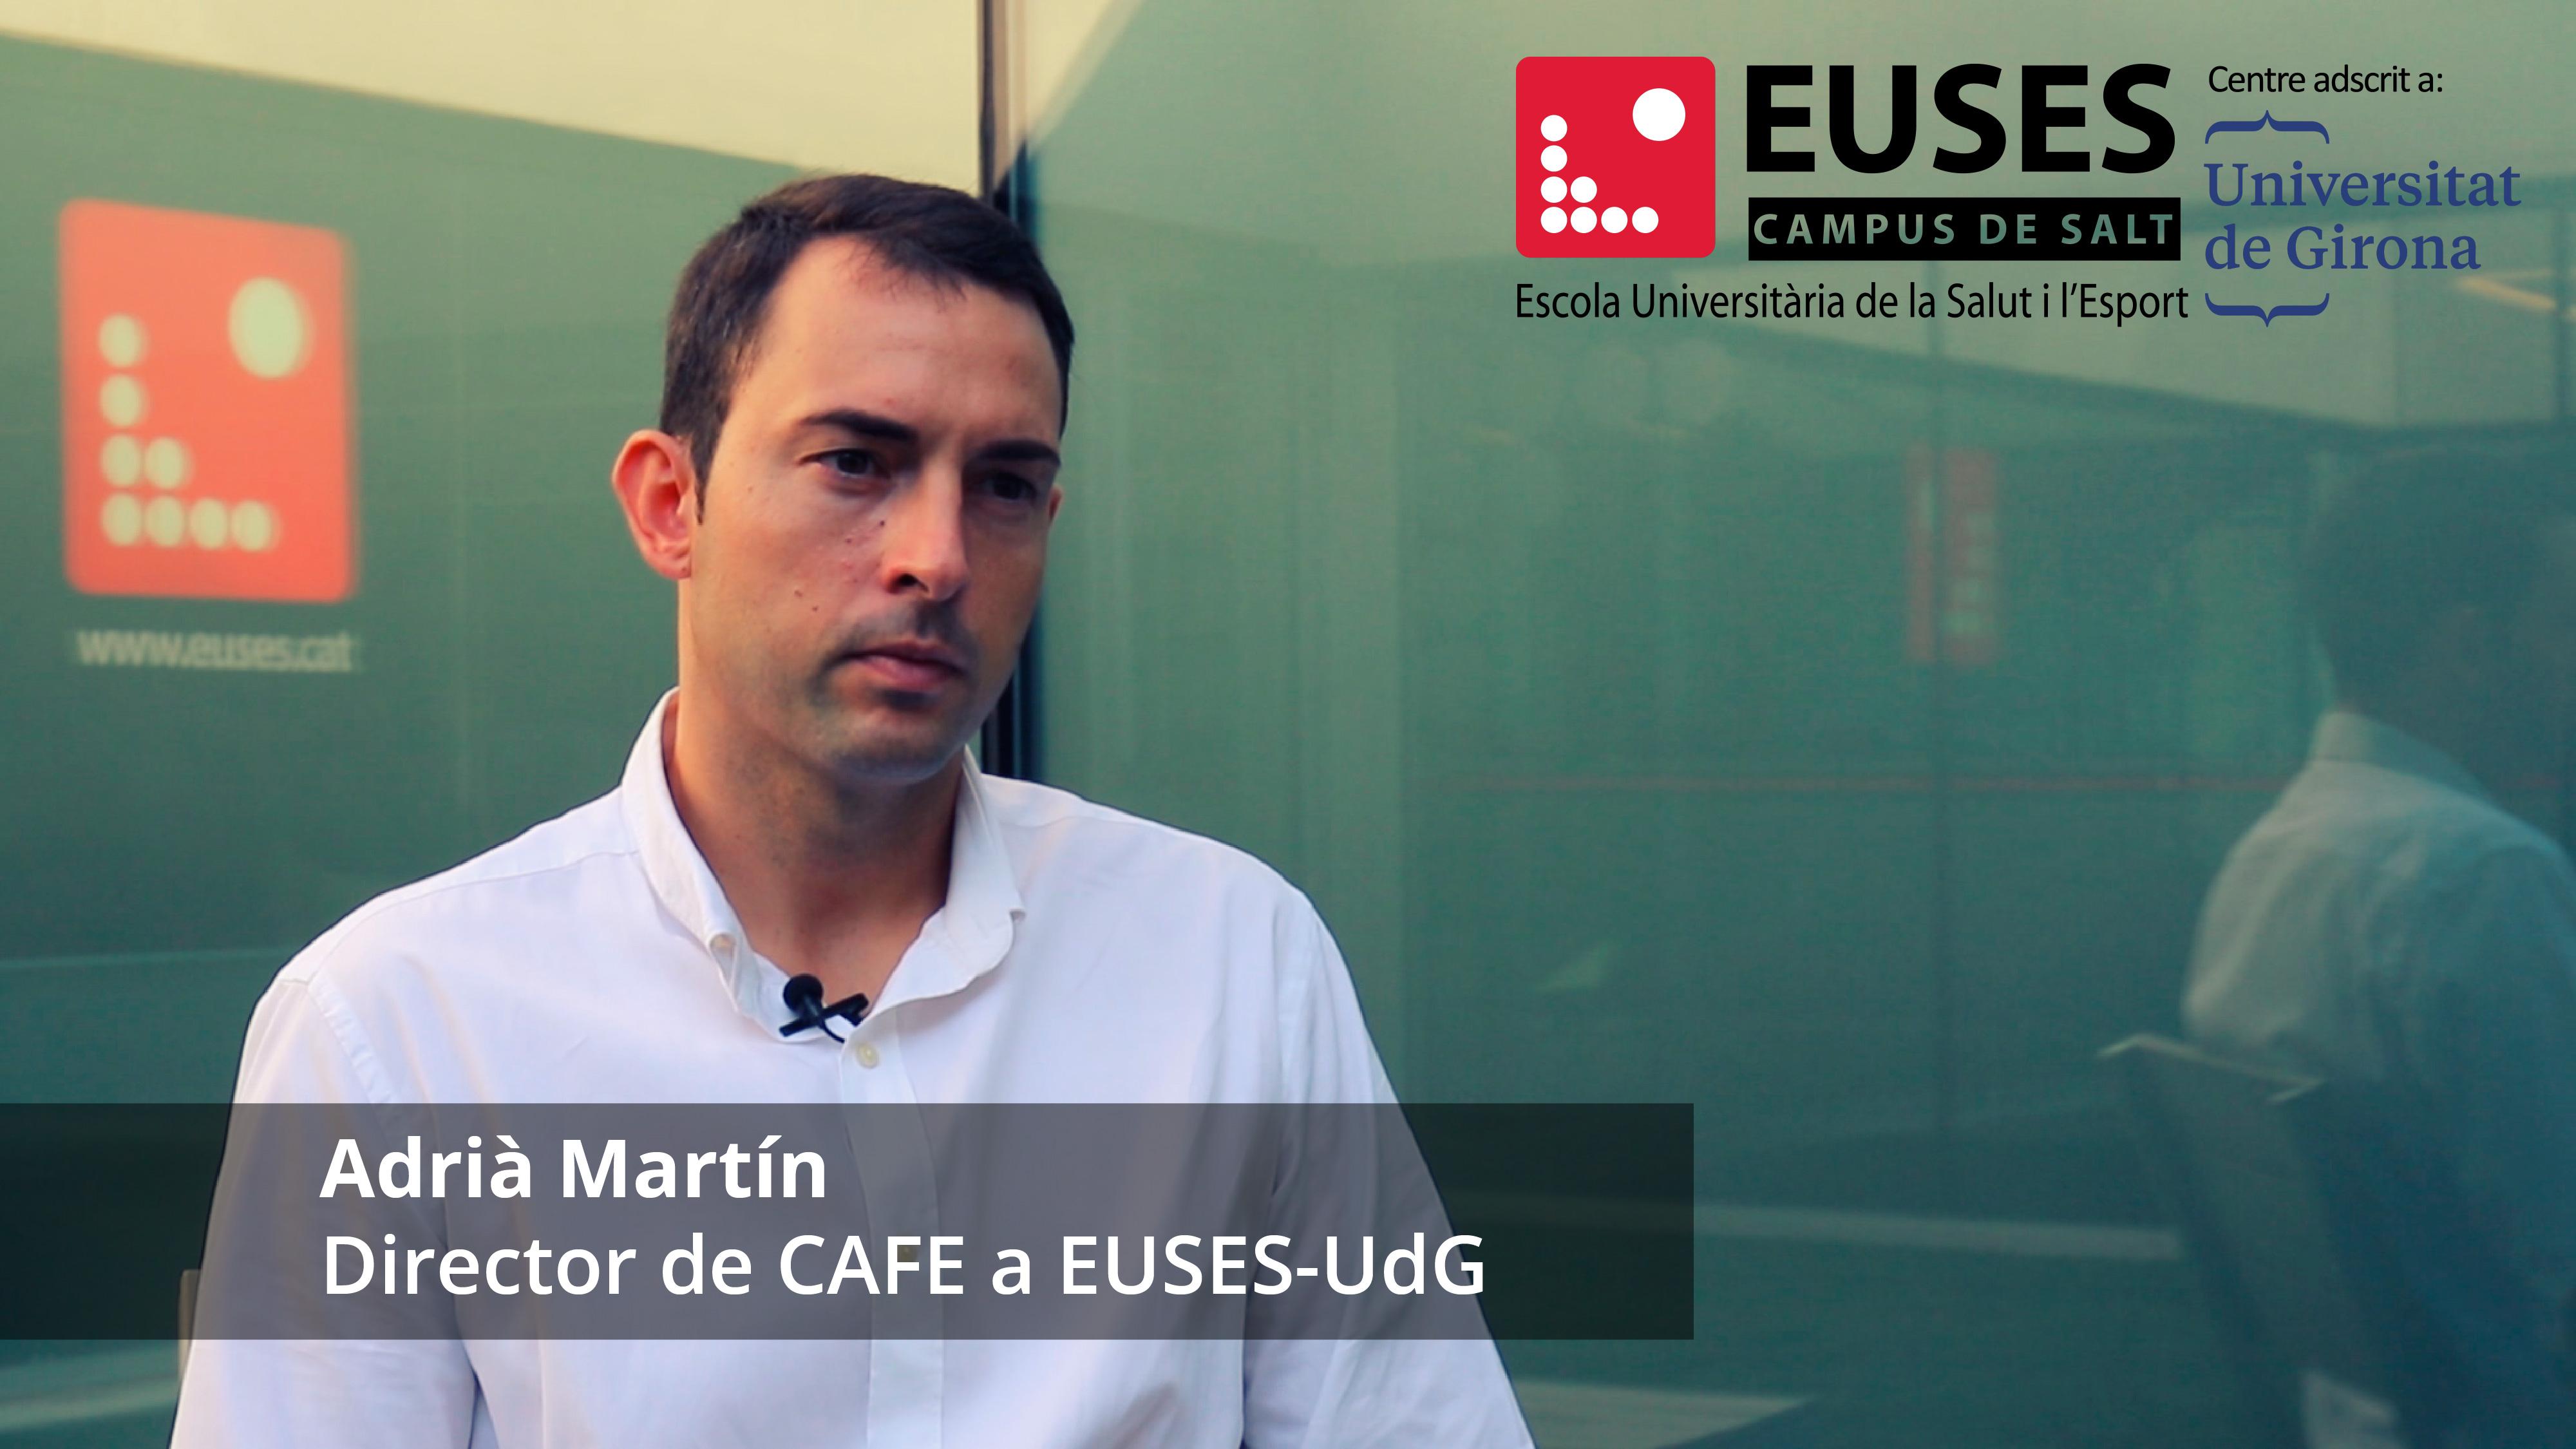 Com encaren el futur els graduats en Ciències de l'Activitat Física i de l'Esport? Coneix l'assignatura 'Professió i reptes de futur', impartida per Adrià Martín, Director del Grau en CAFE a EUSES-UdG